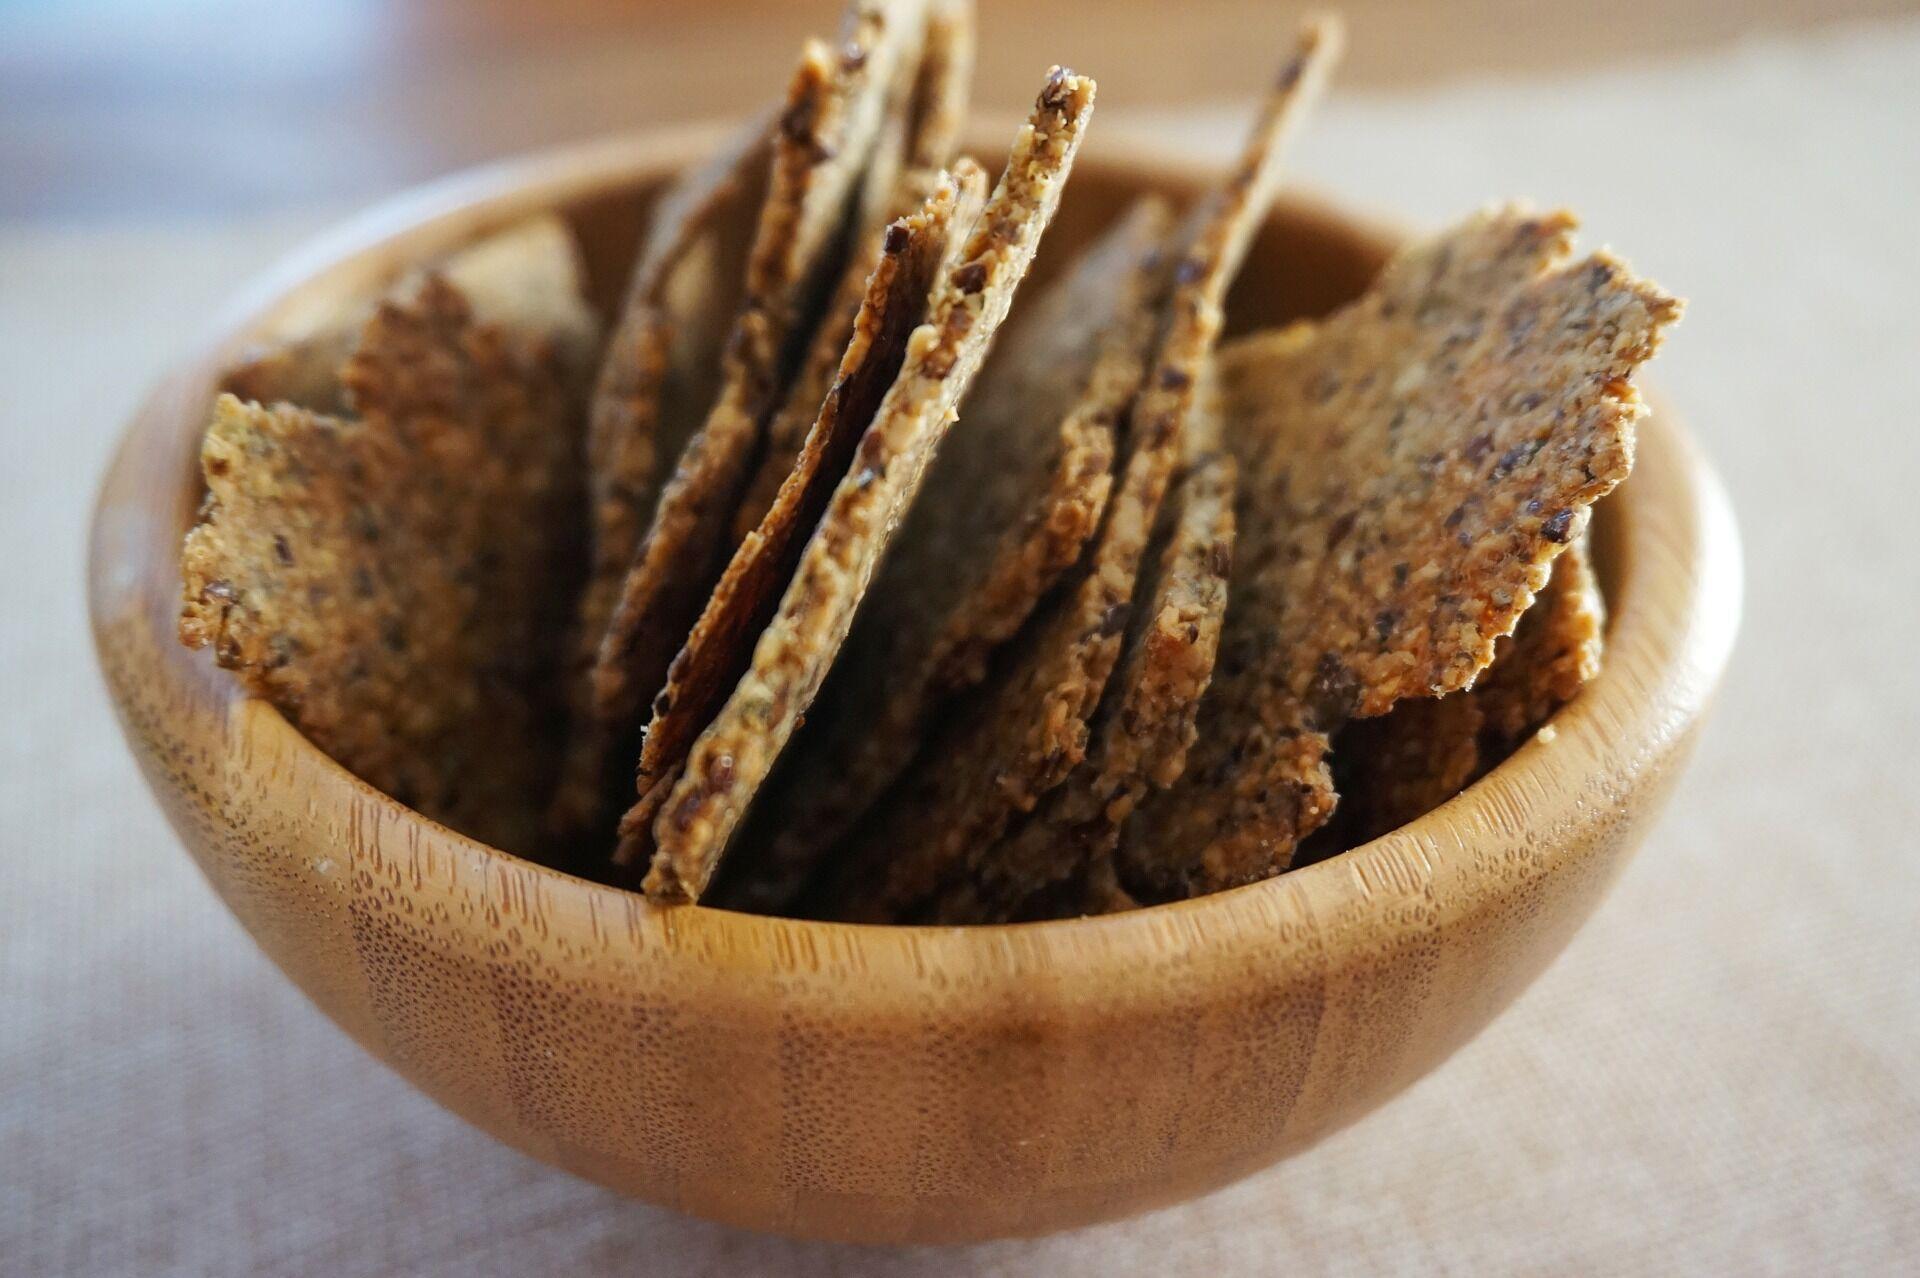 100 г крекеров могут содержать около 7-9 г сахара